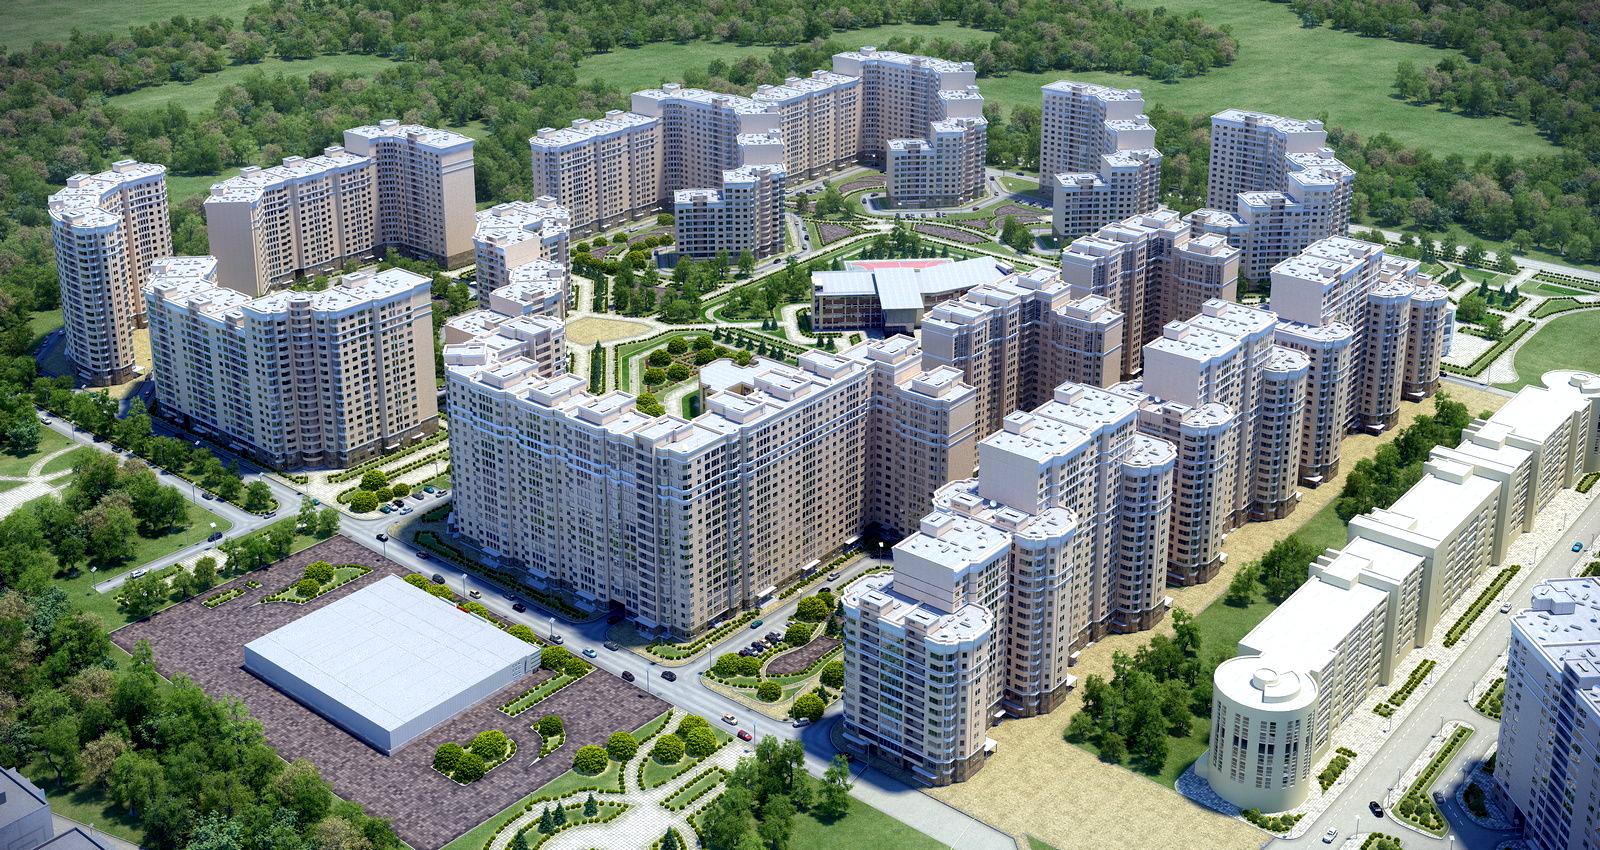 Аналогичные апартаменты на первичном рынке Москвы дешевле